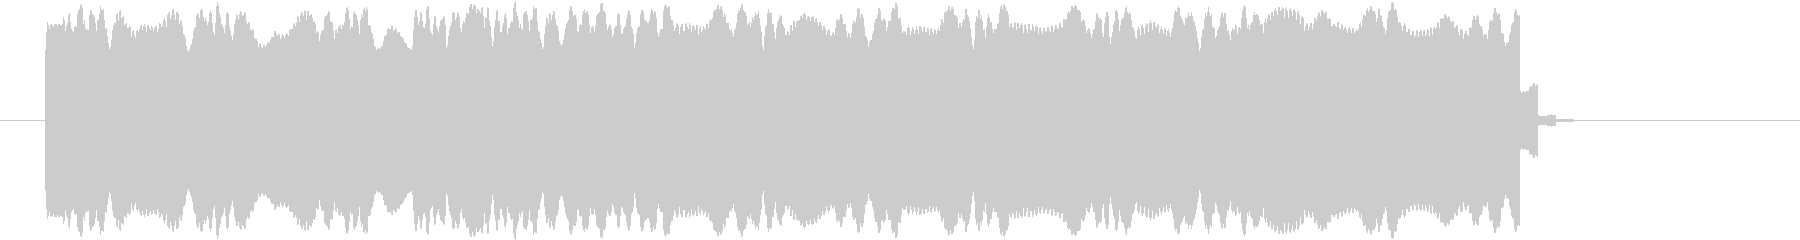 効果音 音信不通 Aの未再生の波形